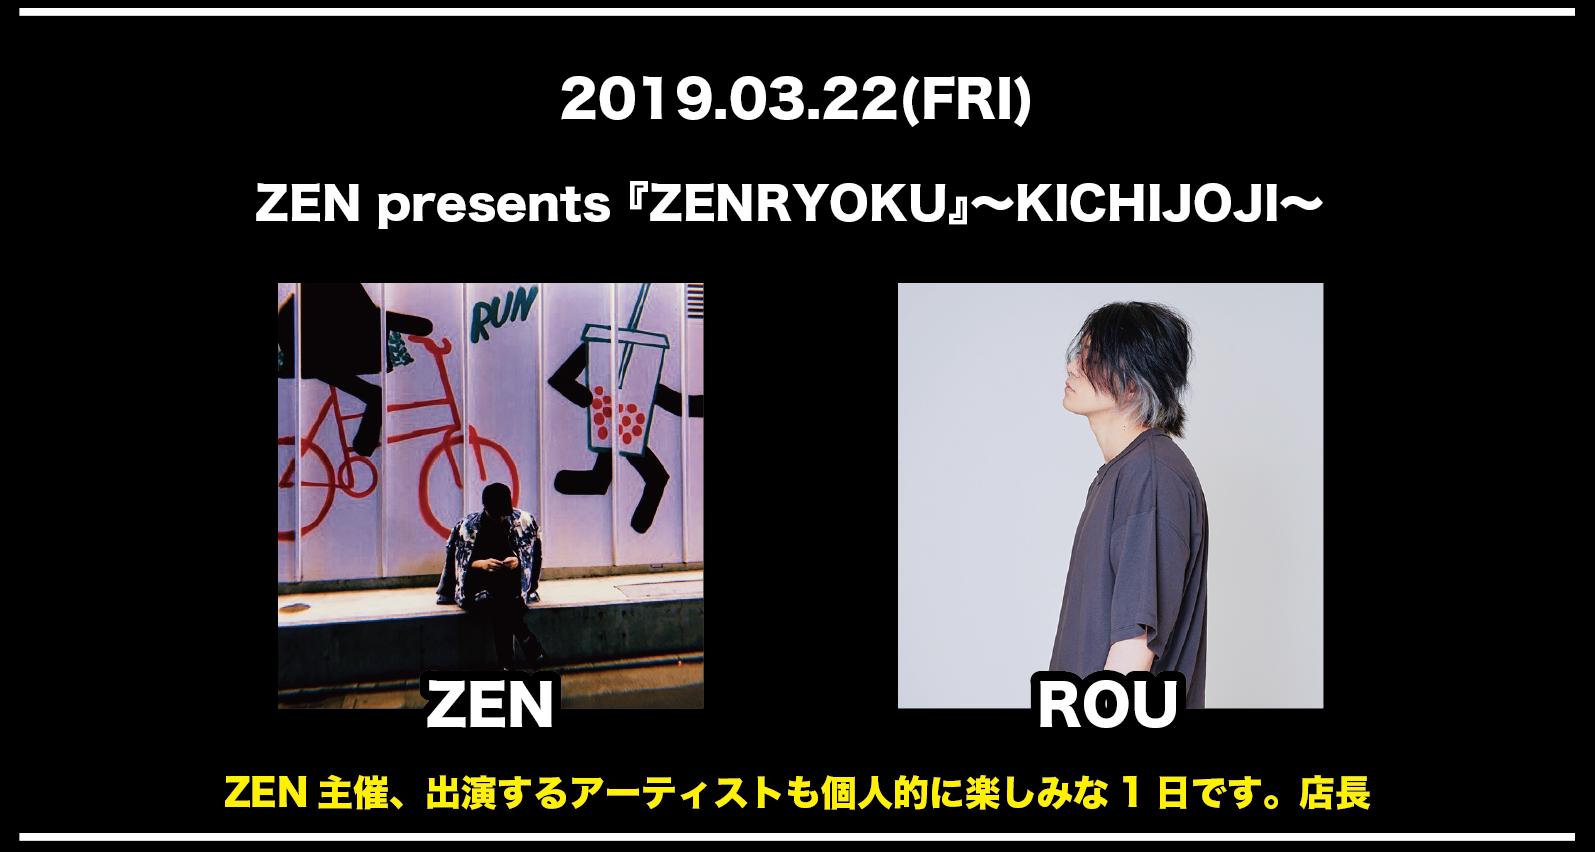 ZEN presents『ZENRYOKU』~KICHIJOJI~